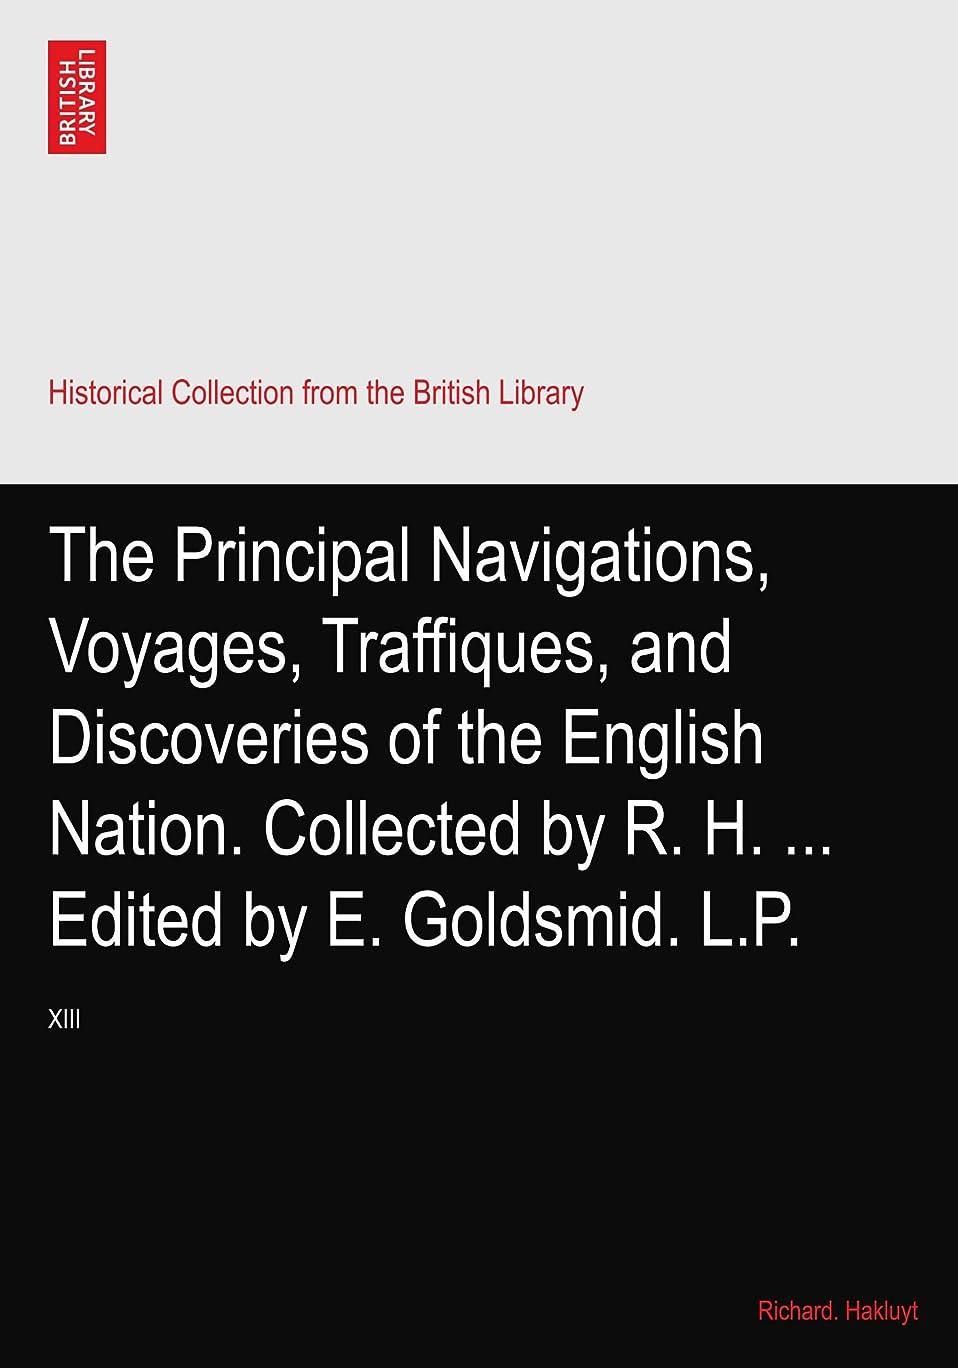 暴力脱走厳しいThe Principal Navigations, Voyages, Traffiques, and Discoveries of the English Nation. Collected by R. H. ... Edited by E. Goldsmid. L.P.: XIII